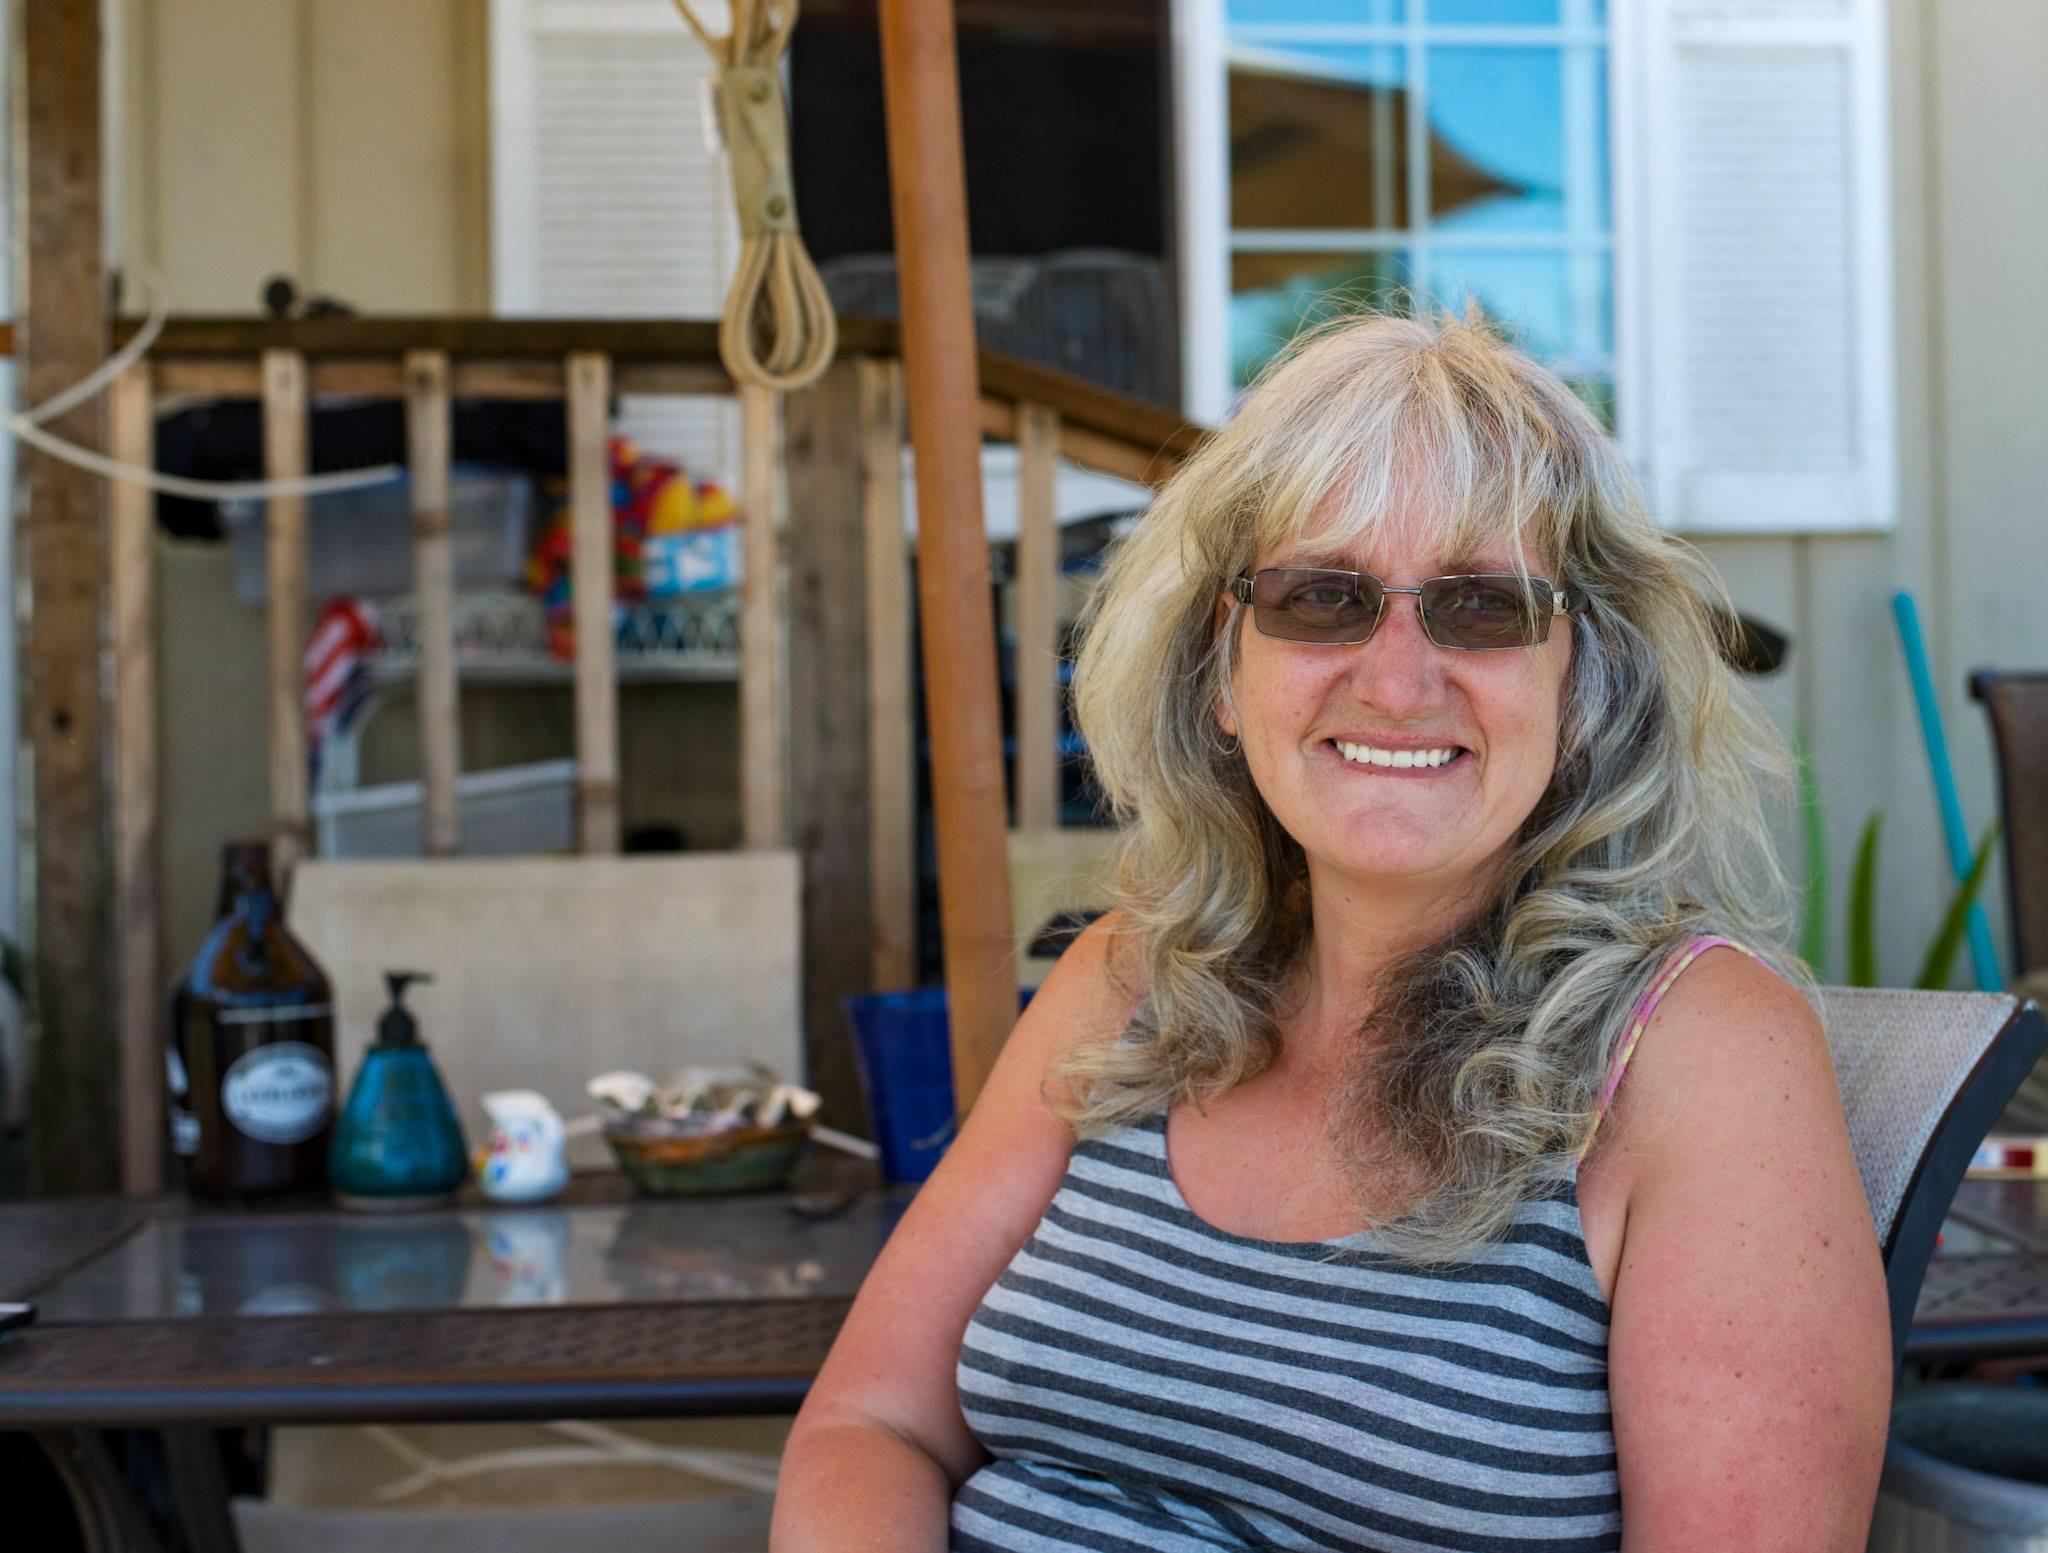 Lisa, CEO of Dignity Village in Portland, Oregon.